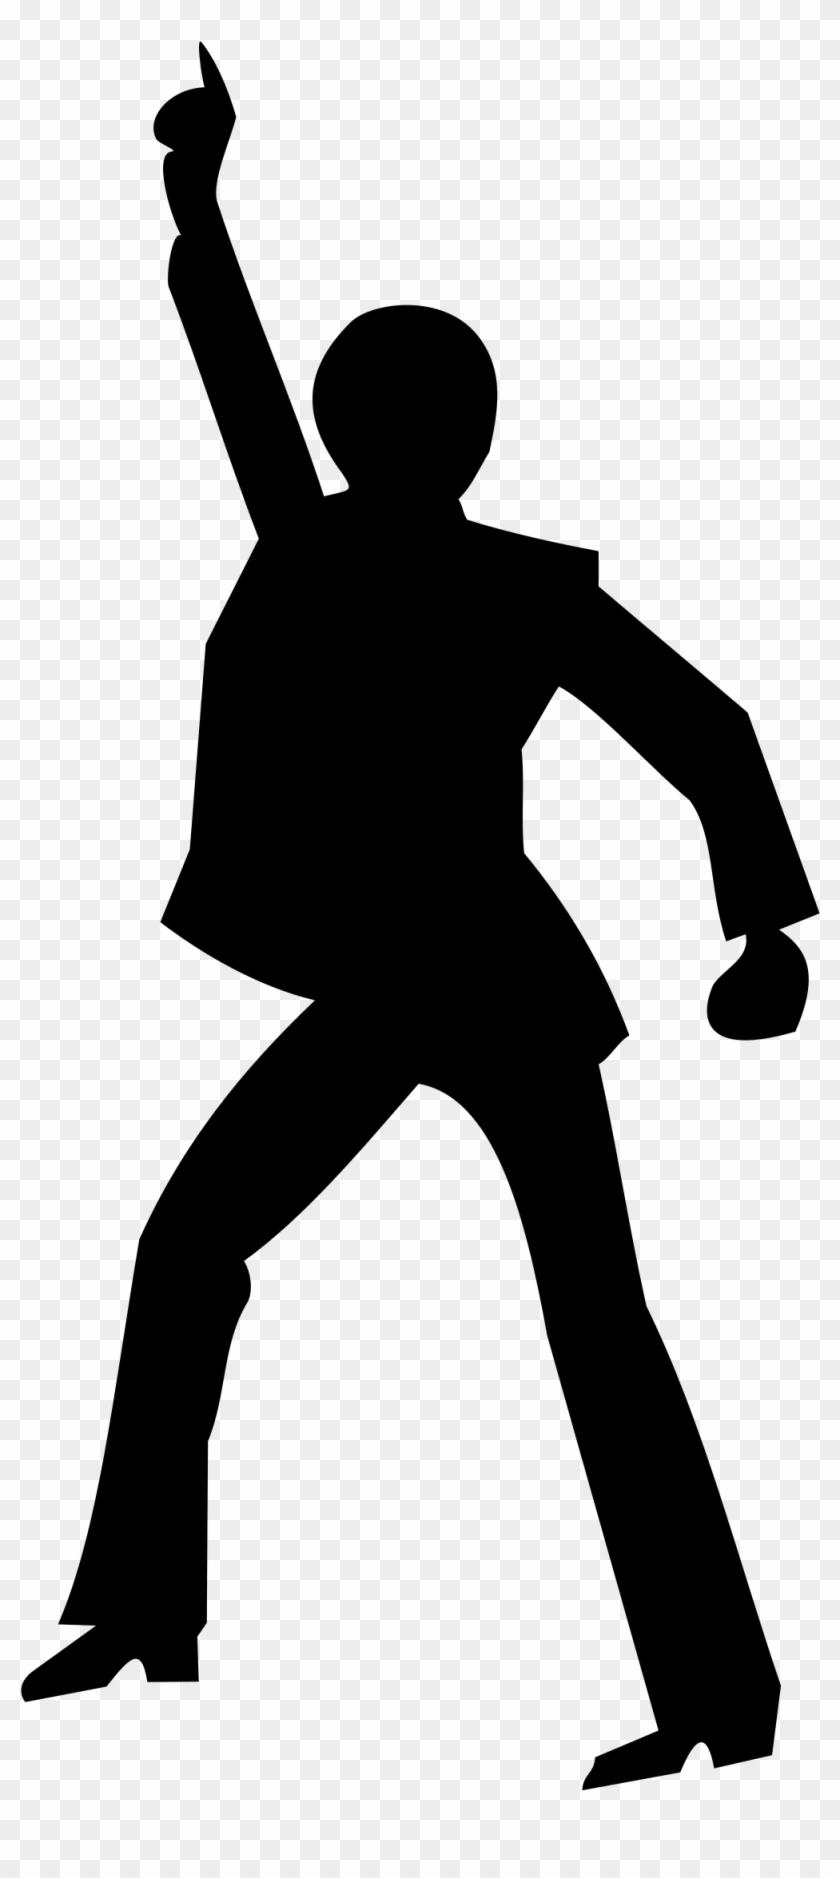 John Travolta Logo Png Transparent Saturday Night Fever Vector Png Download 2400x2400 3726766 Pngfind